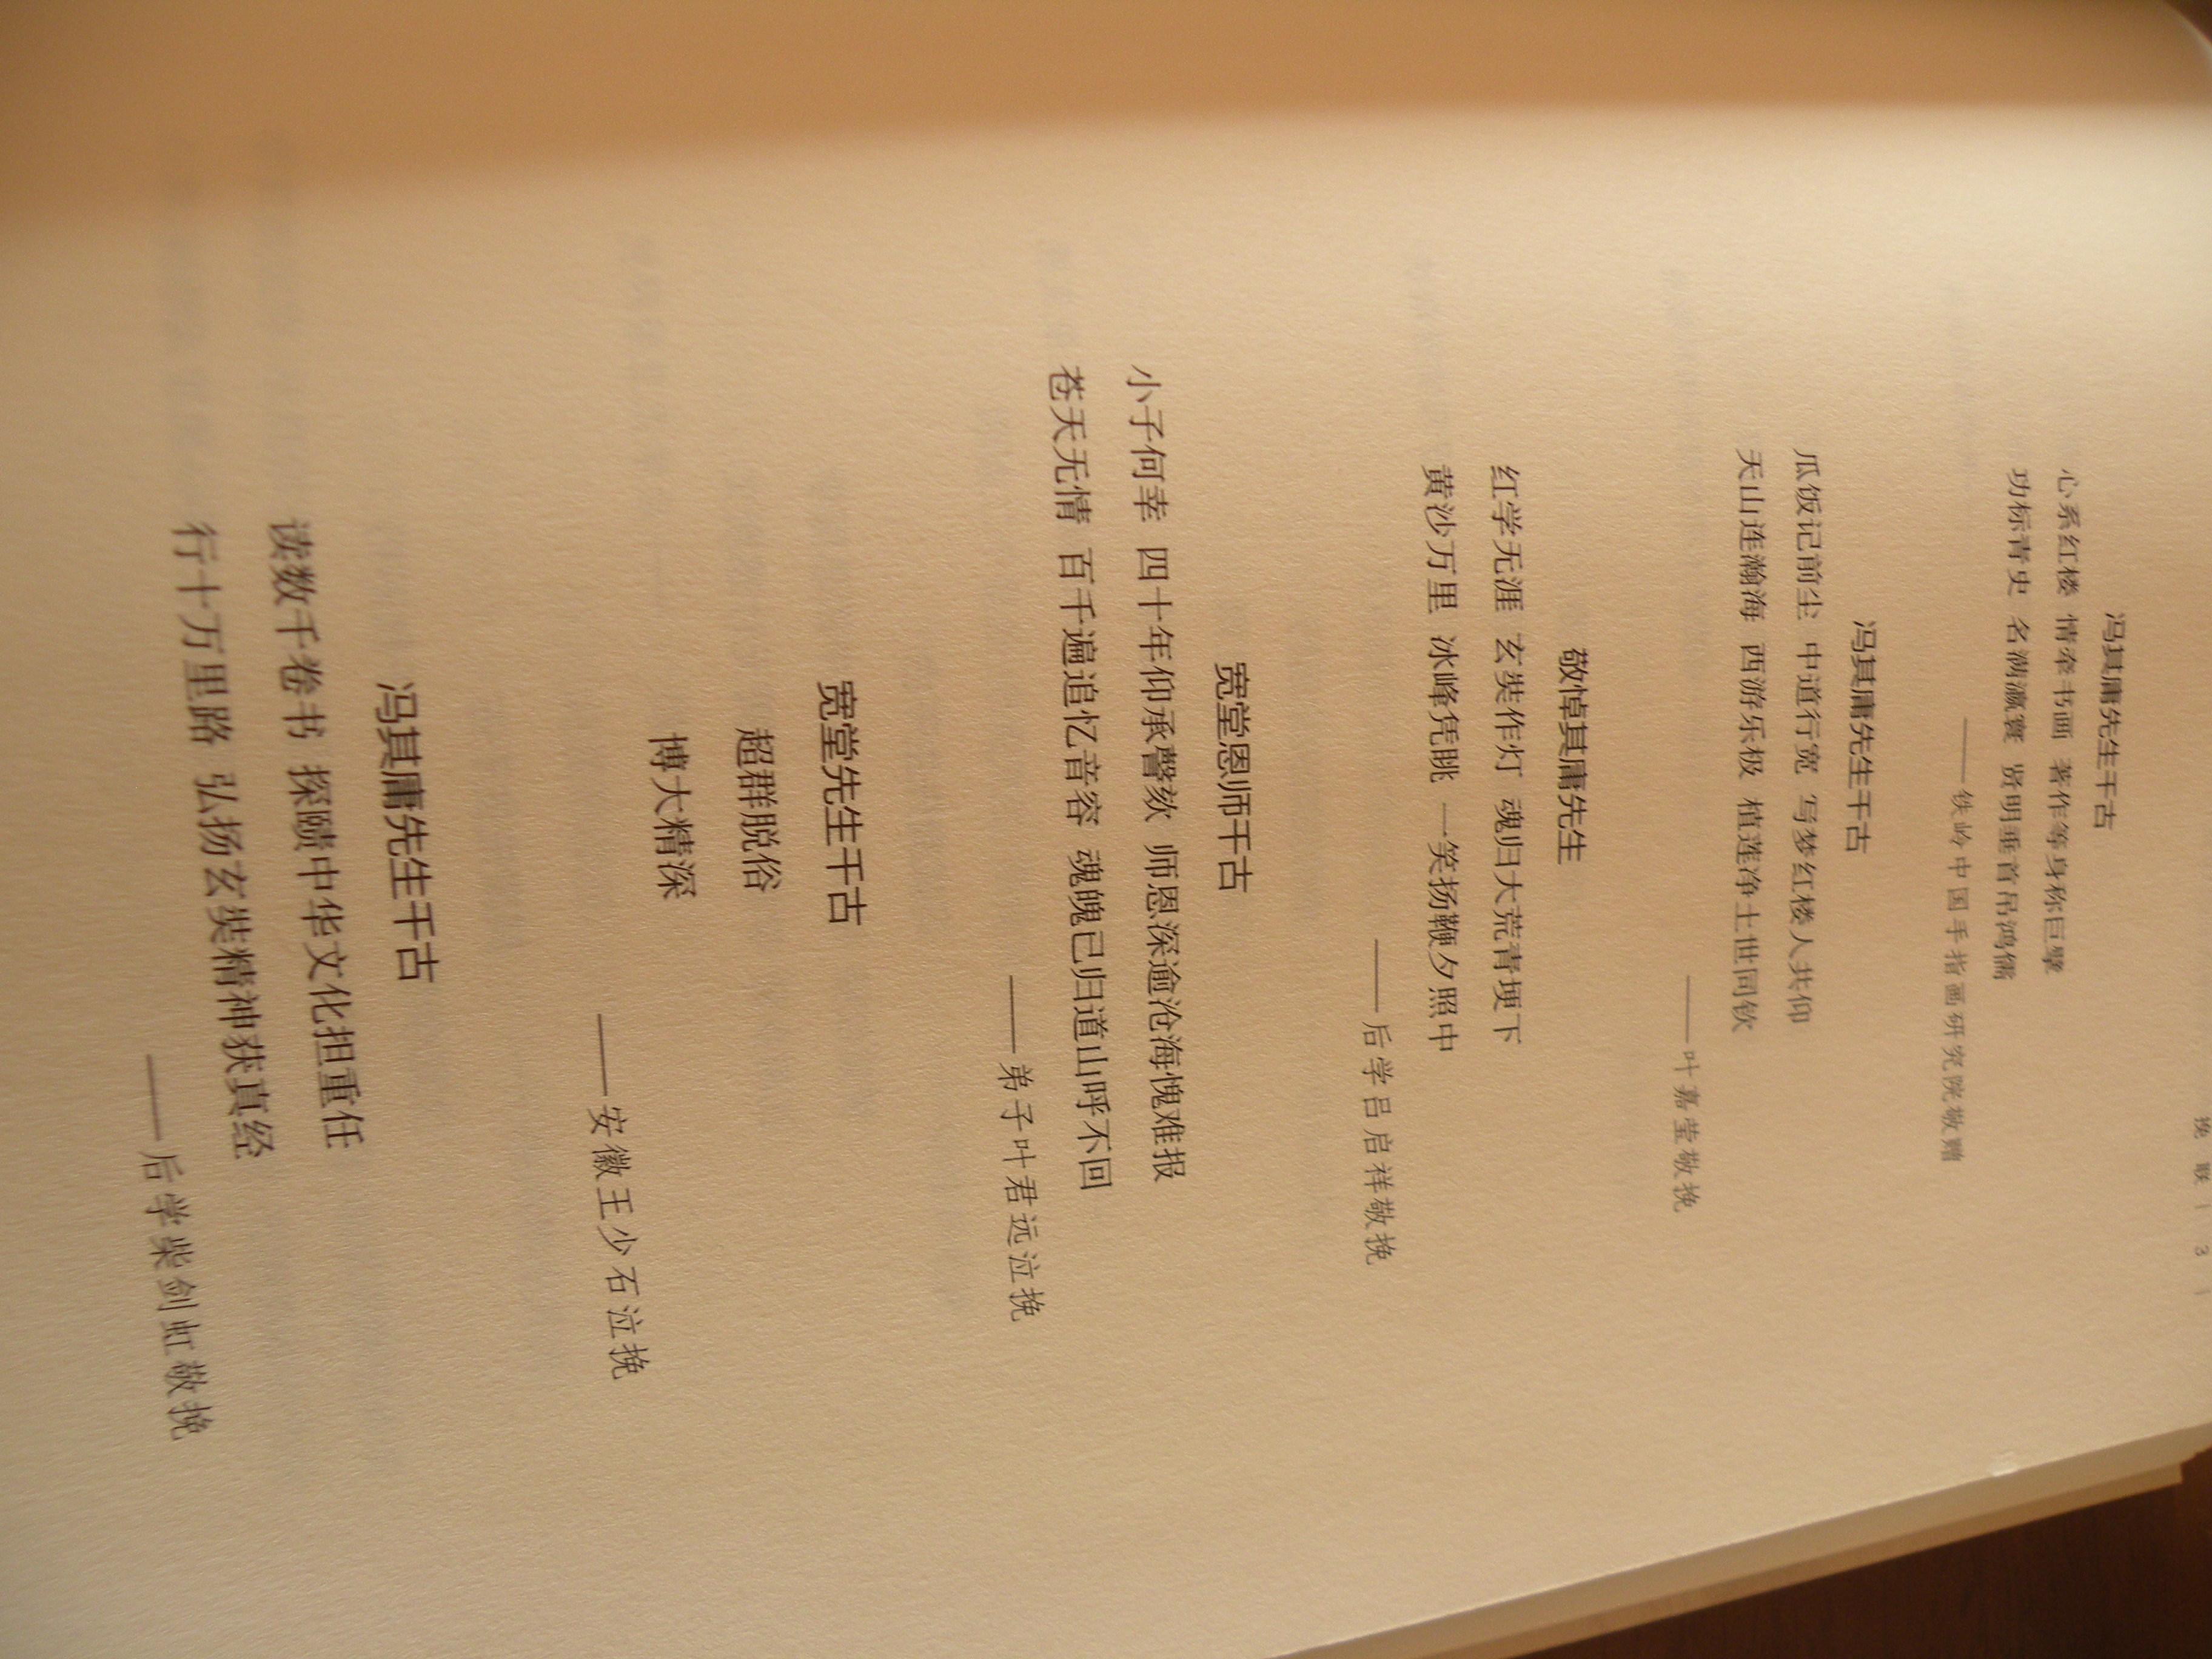 DSCN6261.JPG